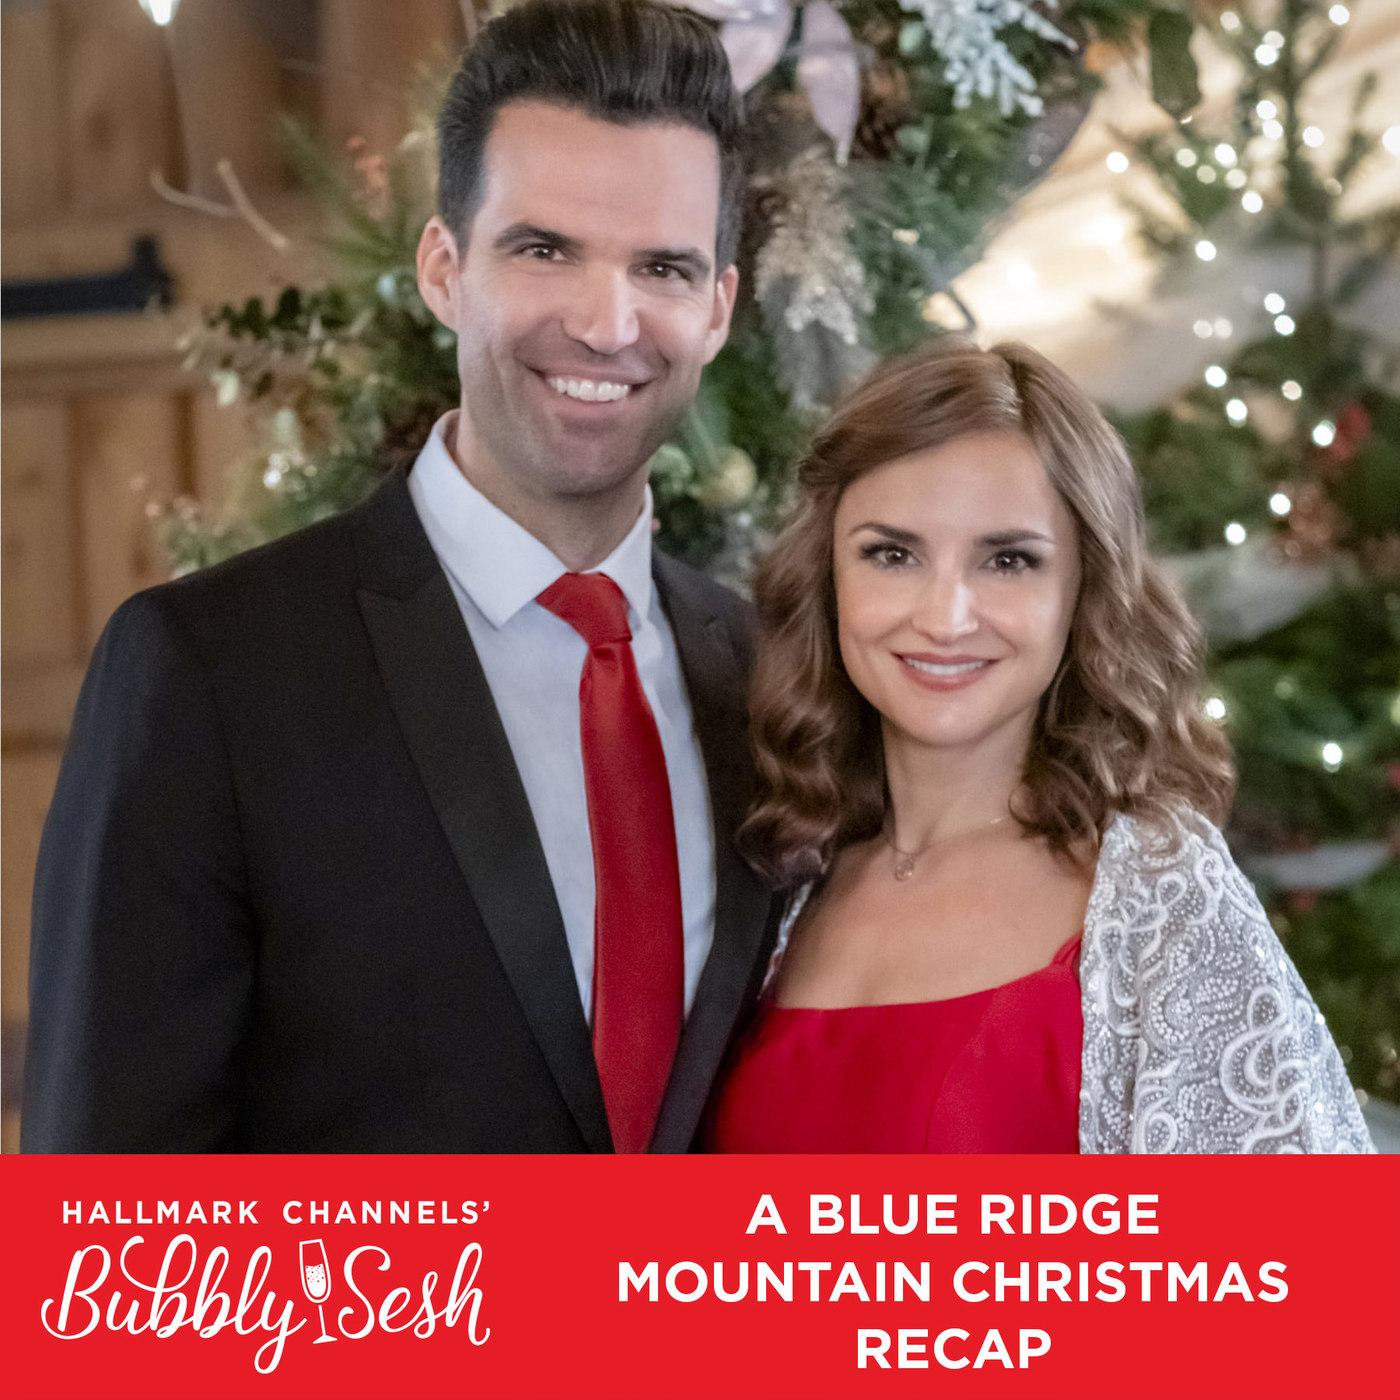 A Blue Ridge Mountain Christmas Recap